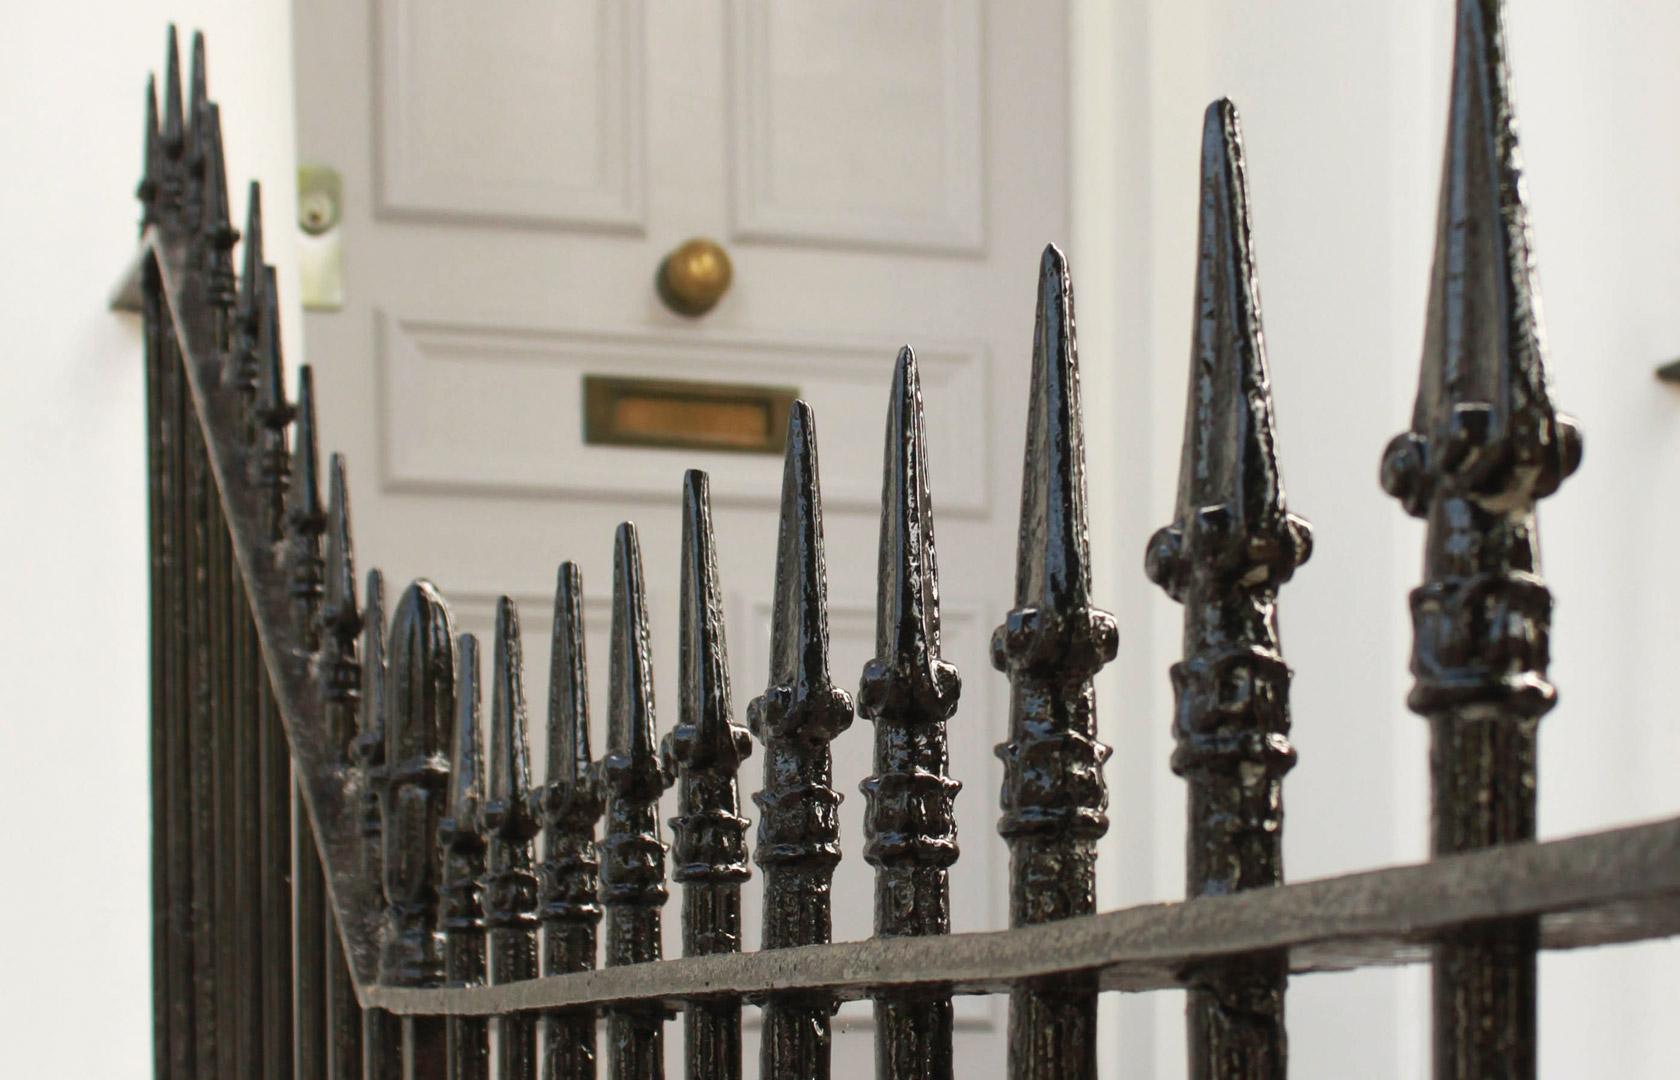 Railings and front door